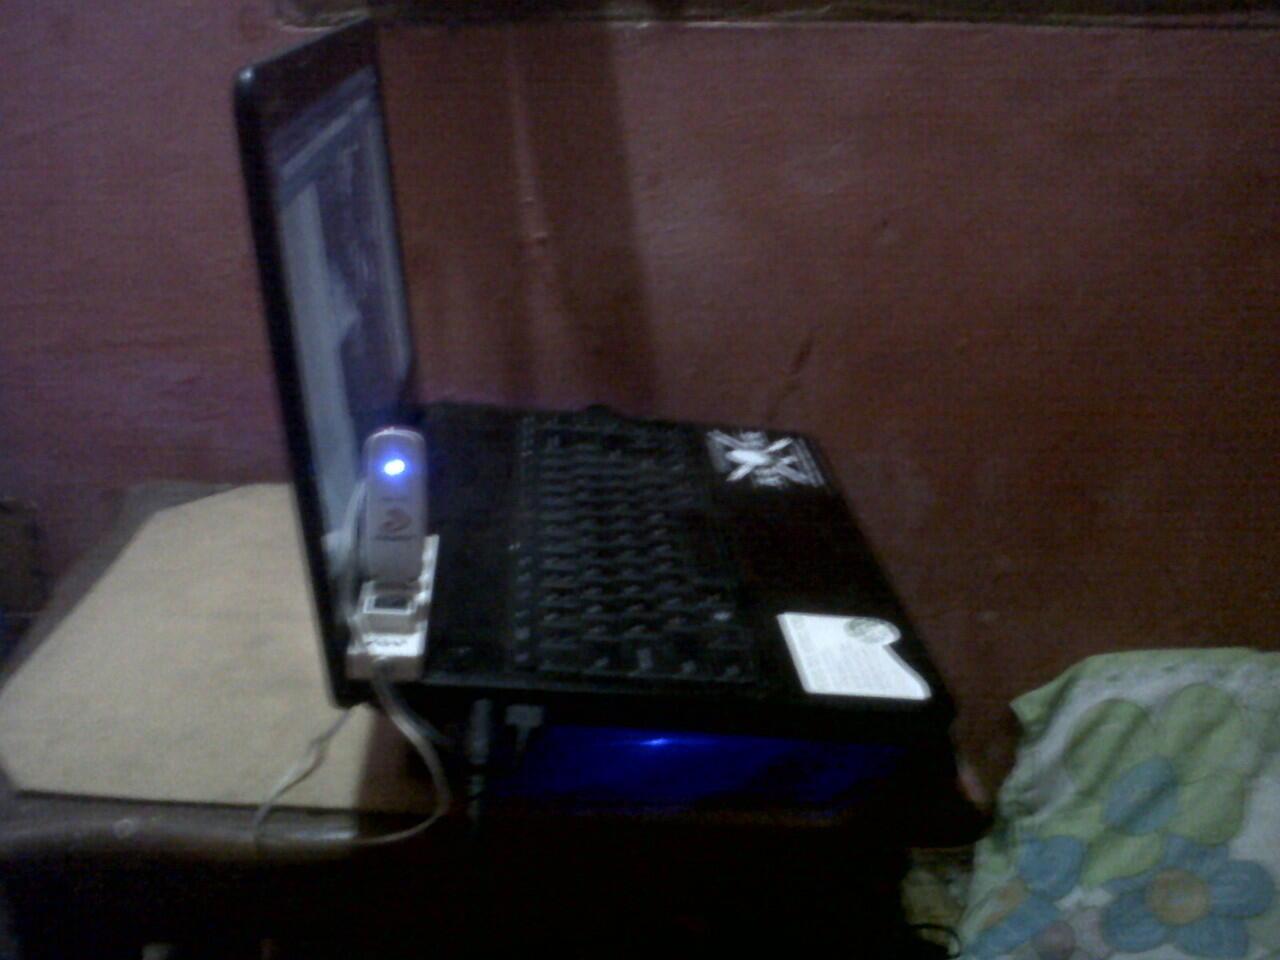 Jual Cepat Laptop Dell N4030 Gan Rp 2.700.000 ( Nego Halus ) Barang Baguzzz Nie